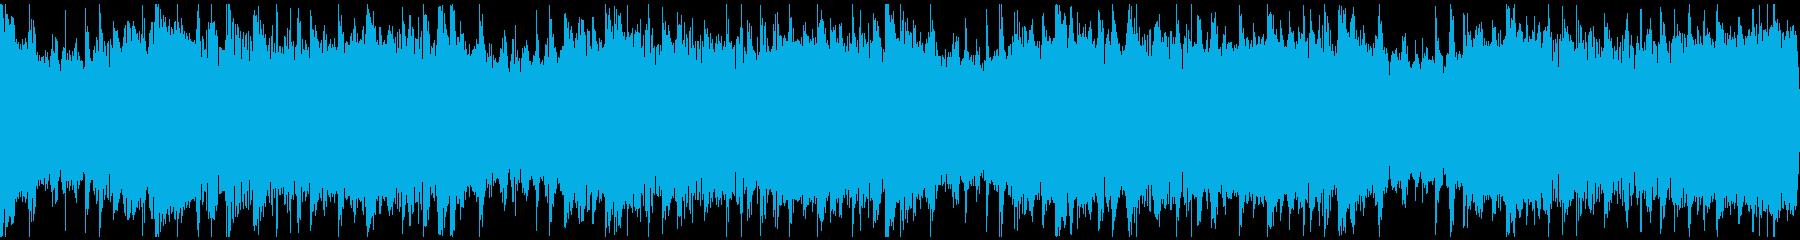 感動を演出するCM、爽やか動画、ループ2の再生済みの波形